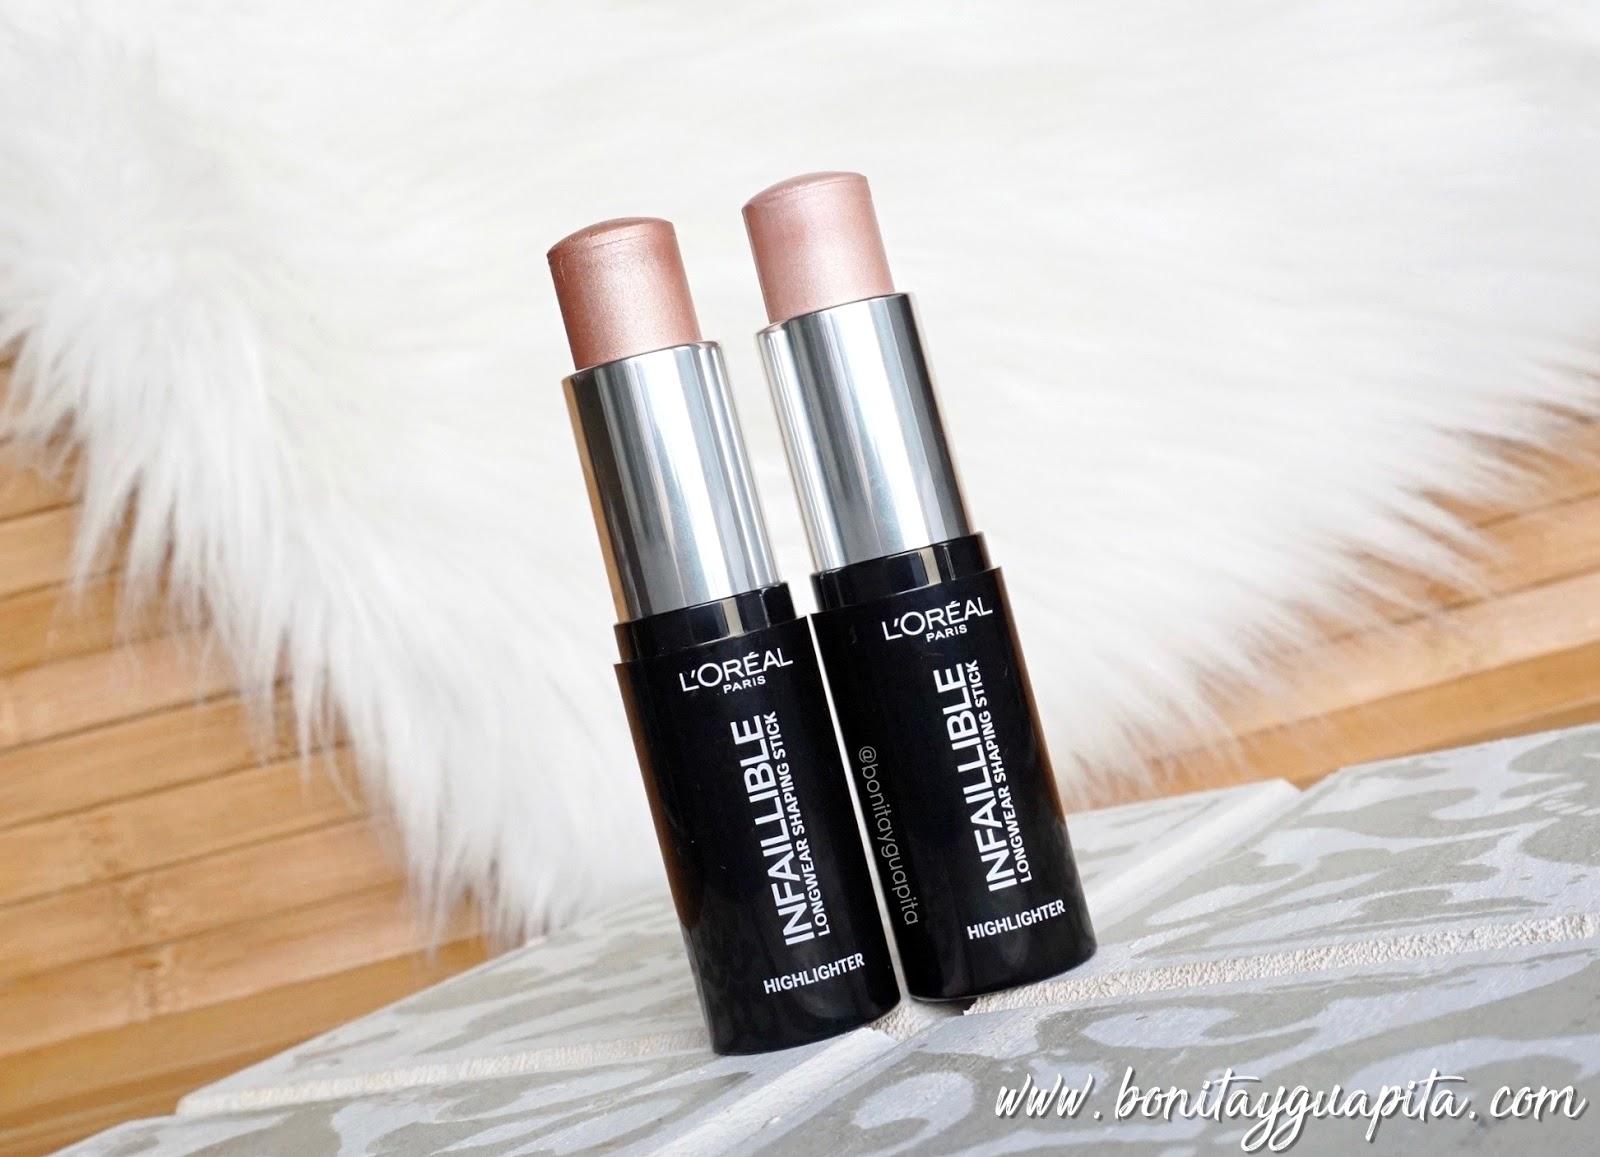 Infalible Stick de L'Oréal iluminadores